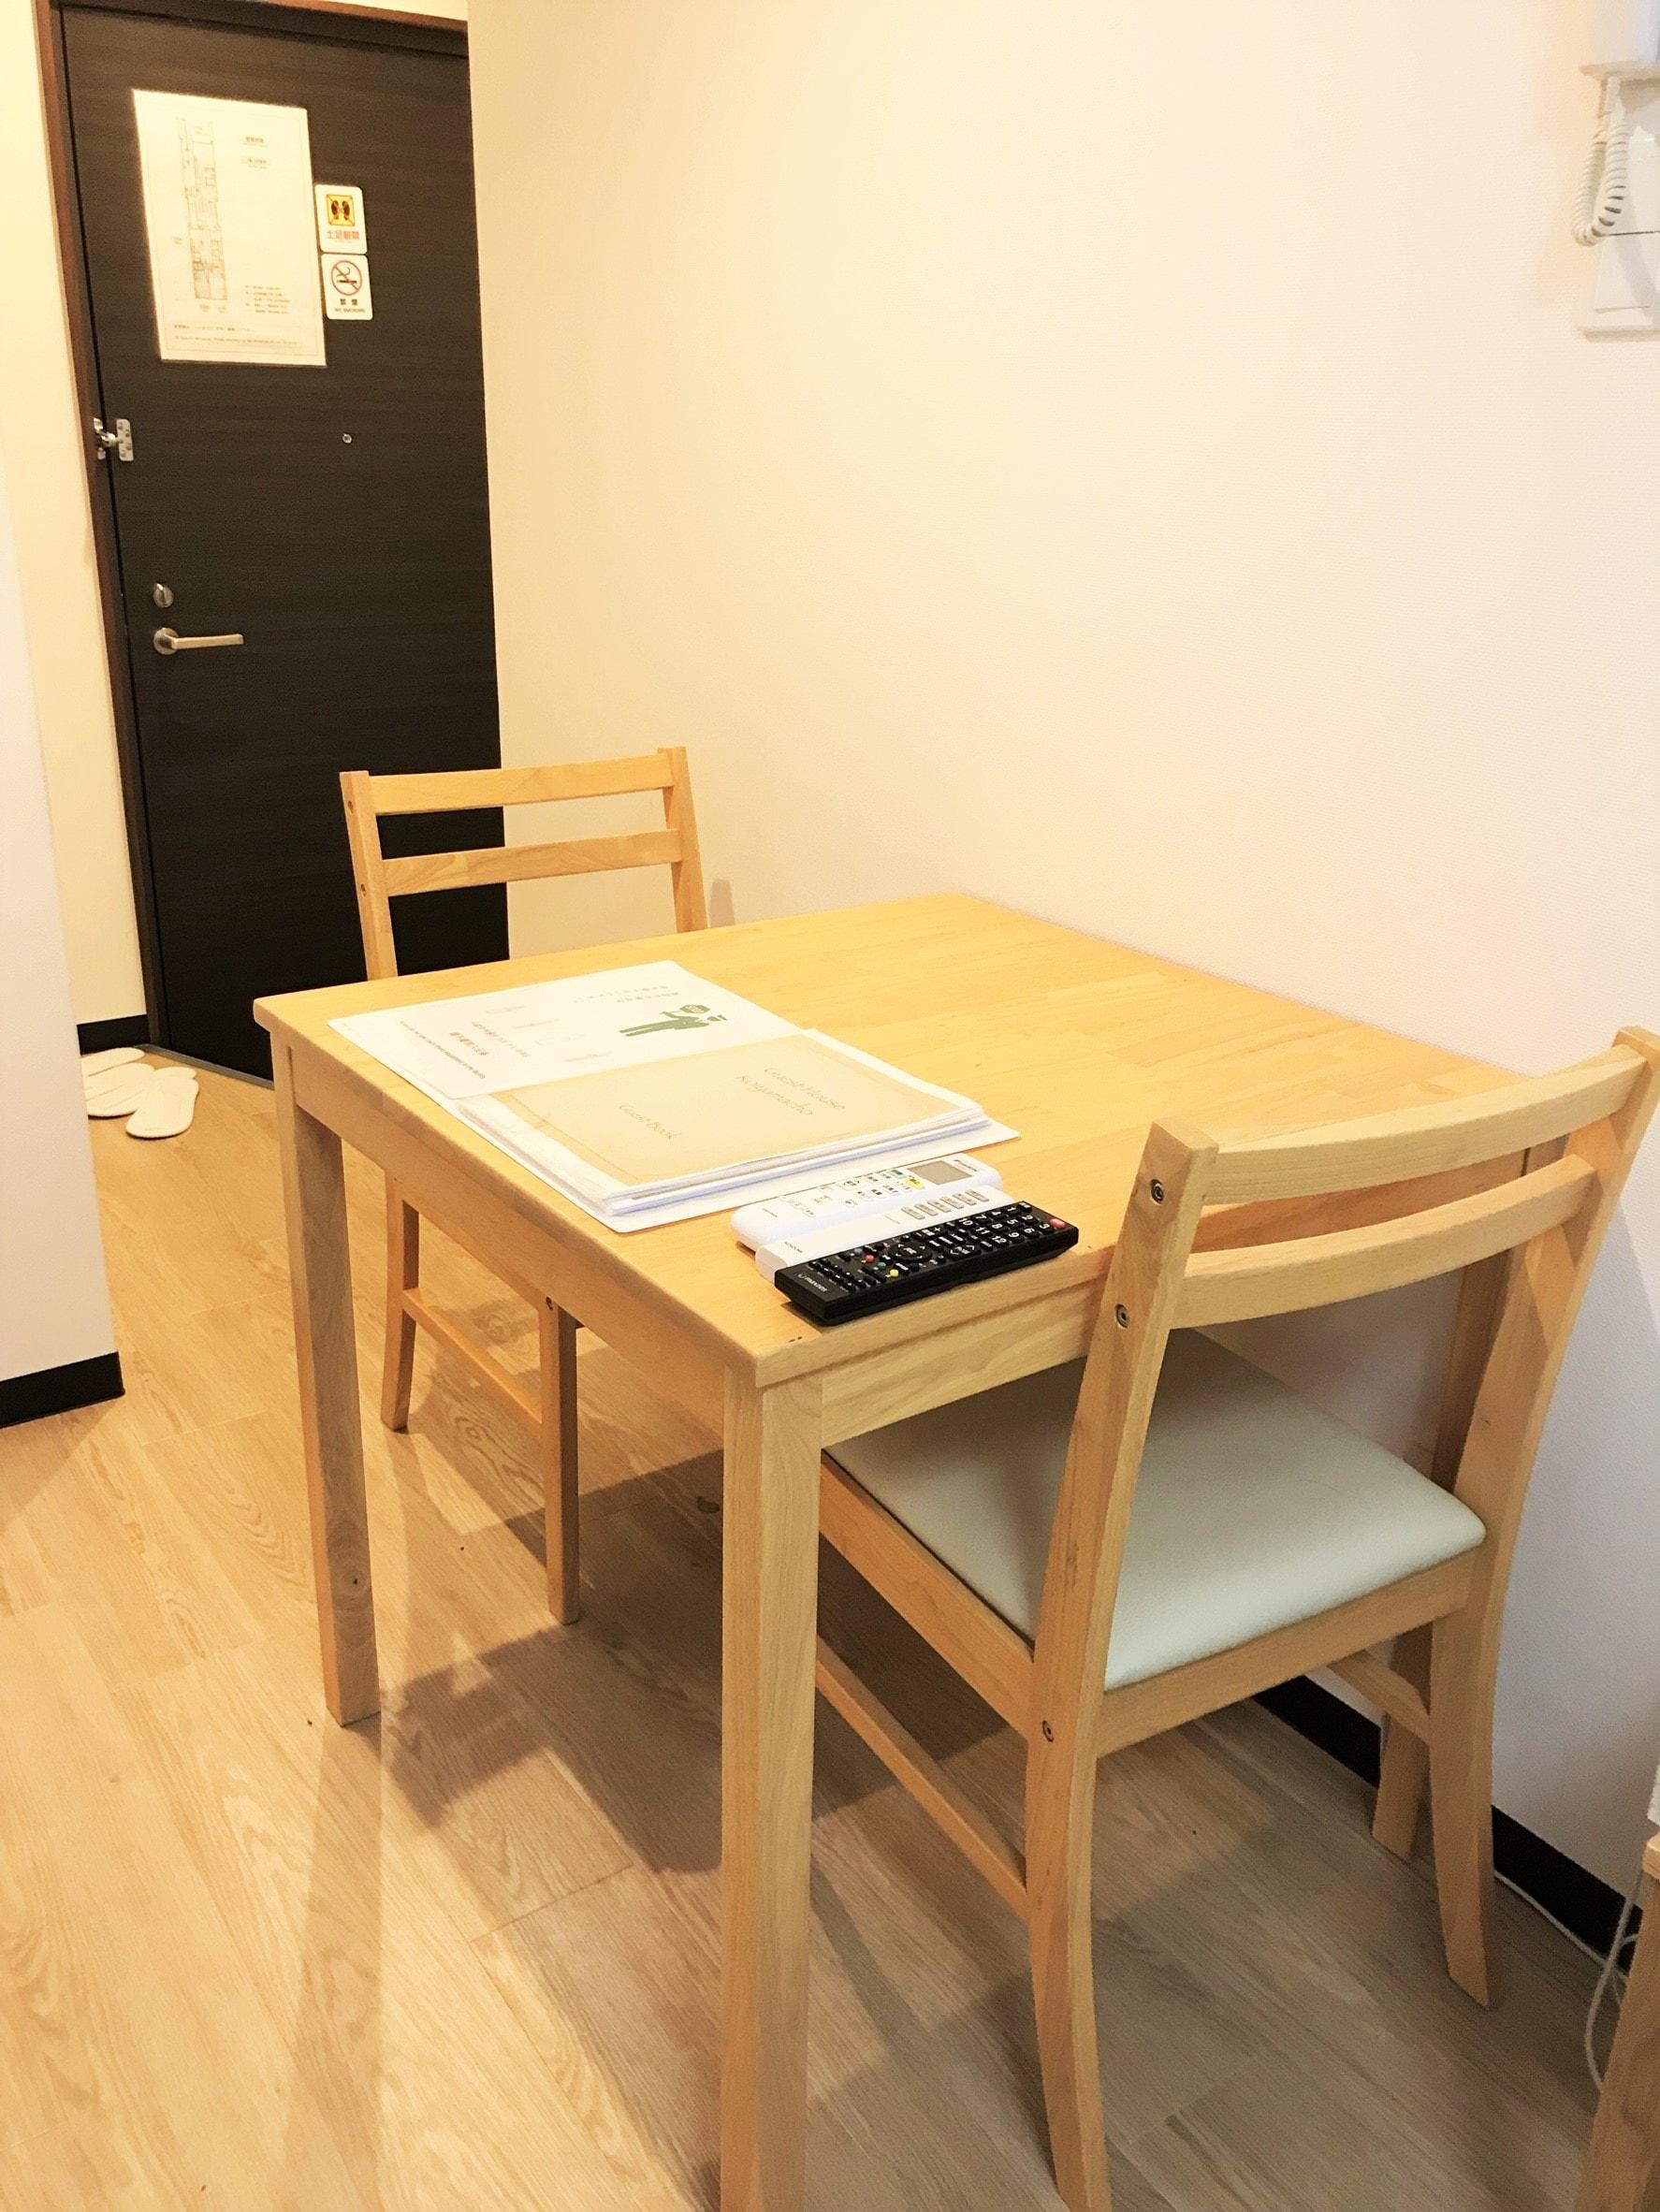 |京都|ゲストハウス|ゲストハウスのお手伝いをしてくれる宿直ヘルパー(フリーアコモデーション)を募集しています